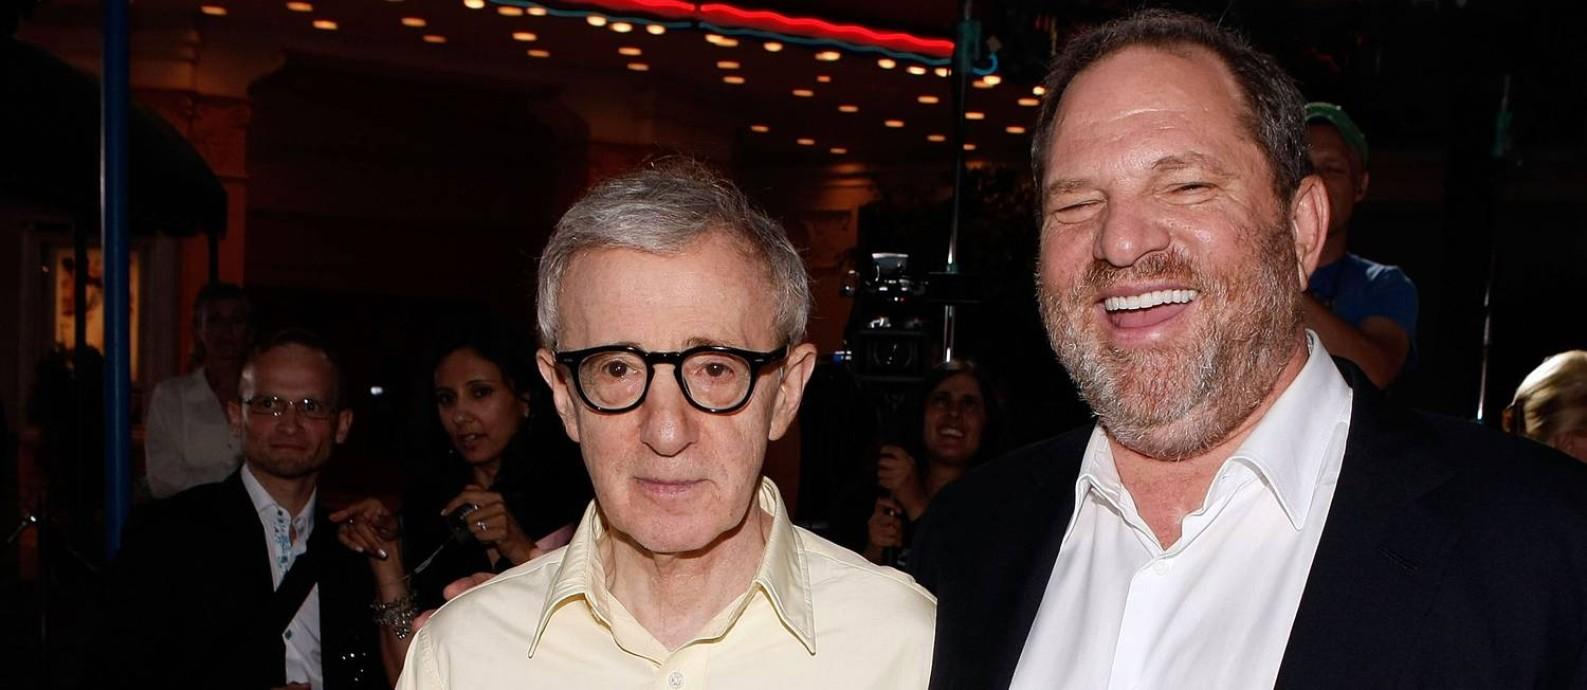 Woody Allen e Harvey Weinstein em agosto de 2008, durante a premiere do filme 'Vicky Cristina Barcelona', em Los Angeles Foto: KEVIN WINTER / AFP